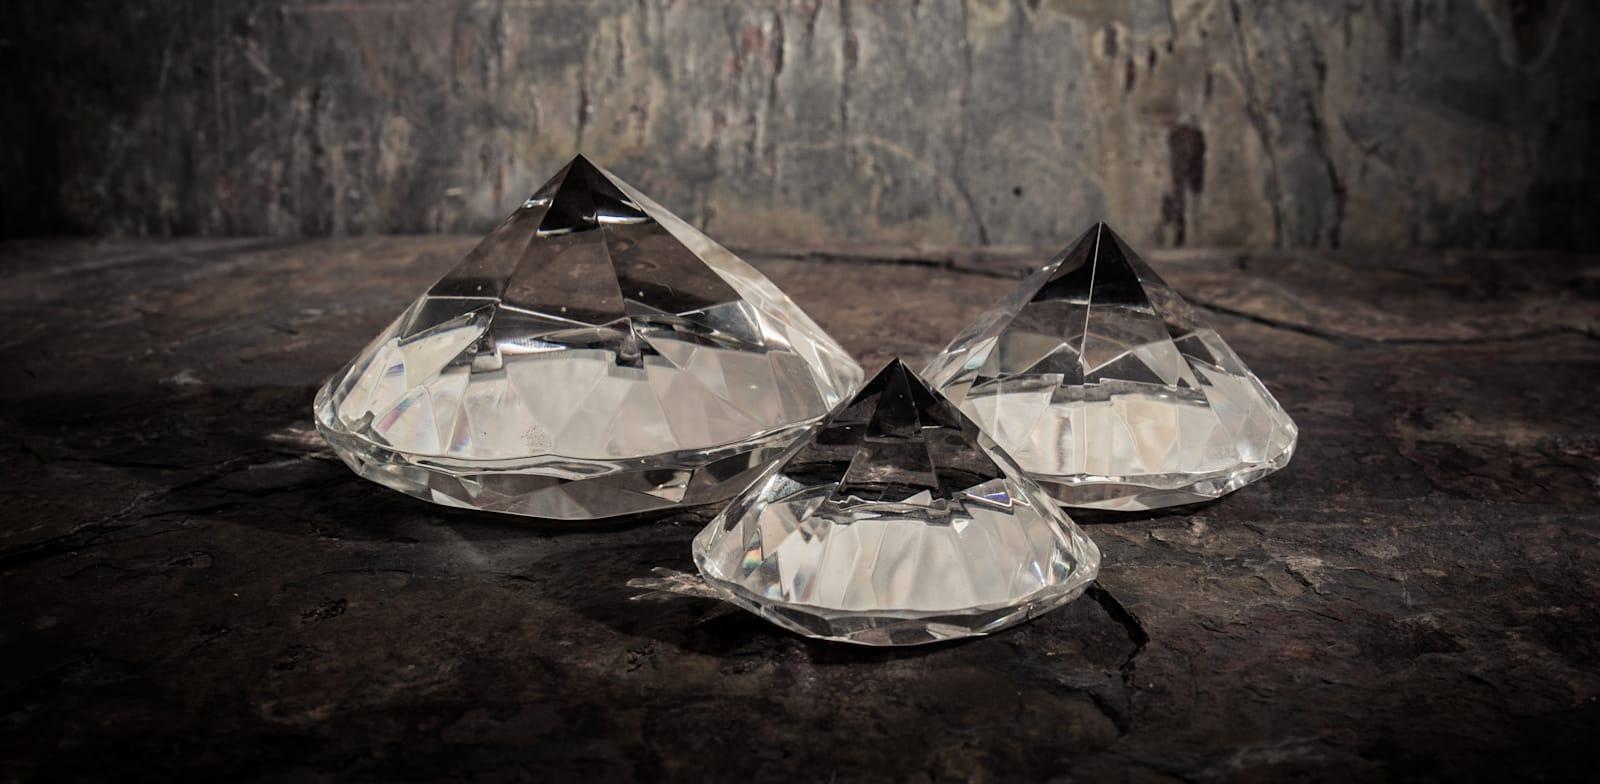 ייבוא יהלומים/ צילום: שאטרסטוק